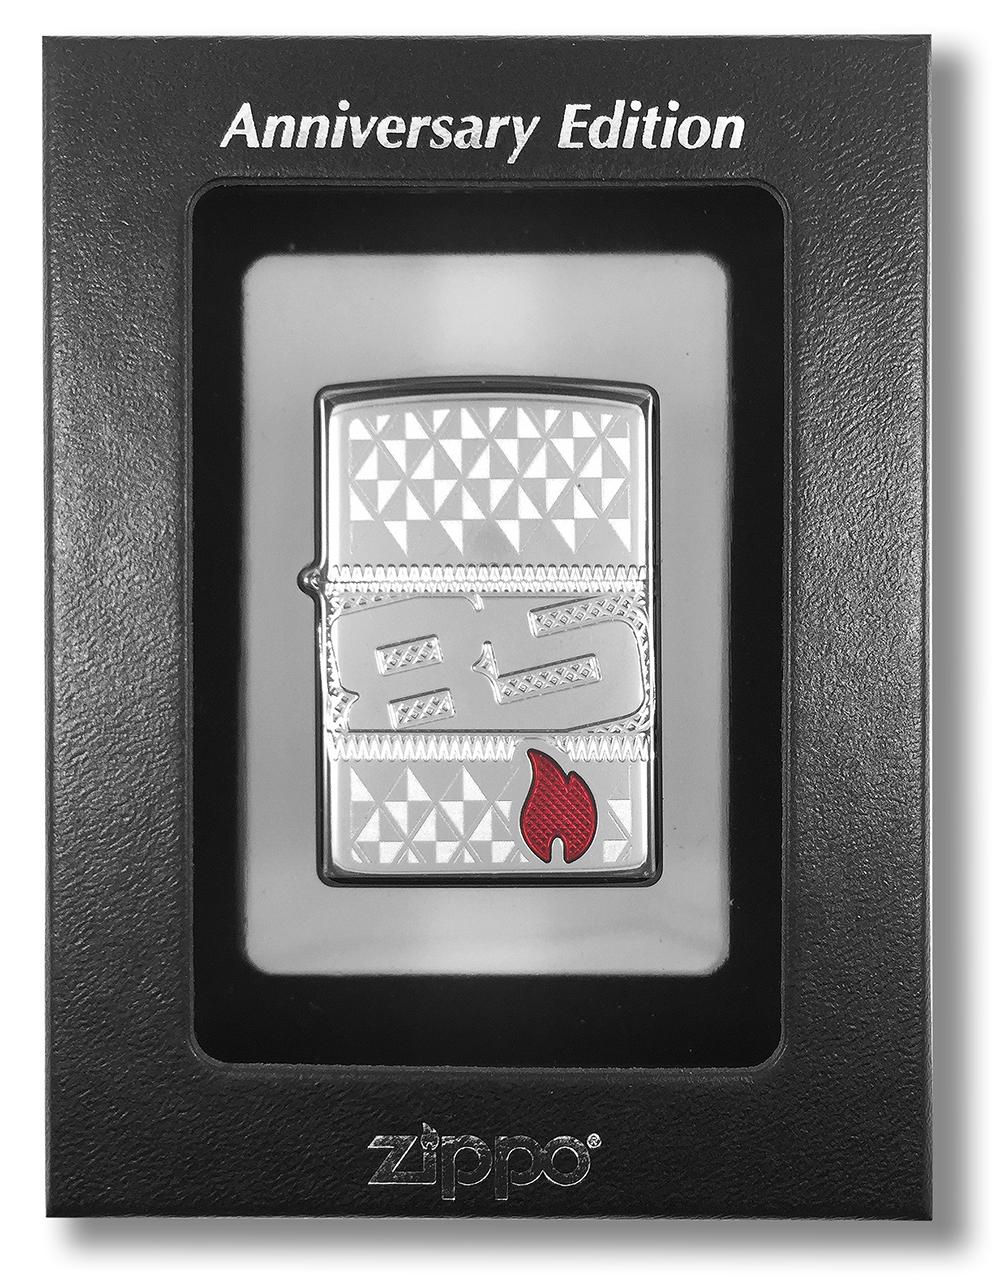 29442 Зажигалка Zippo 85th Anniversary Collectible, Armor Polish Chrome в индивидуальной коллекционной упаковке с прозрачным ложементом